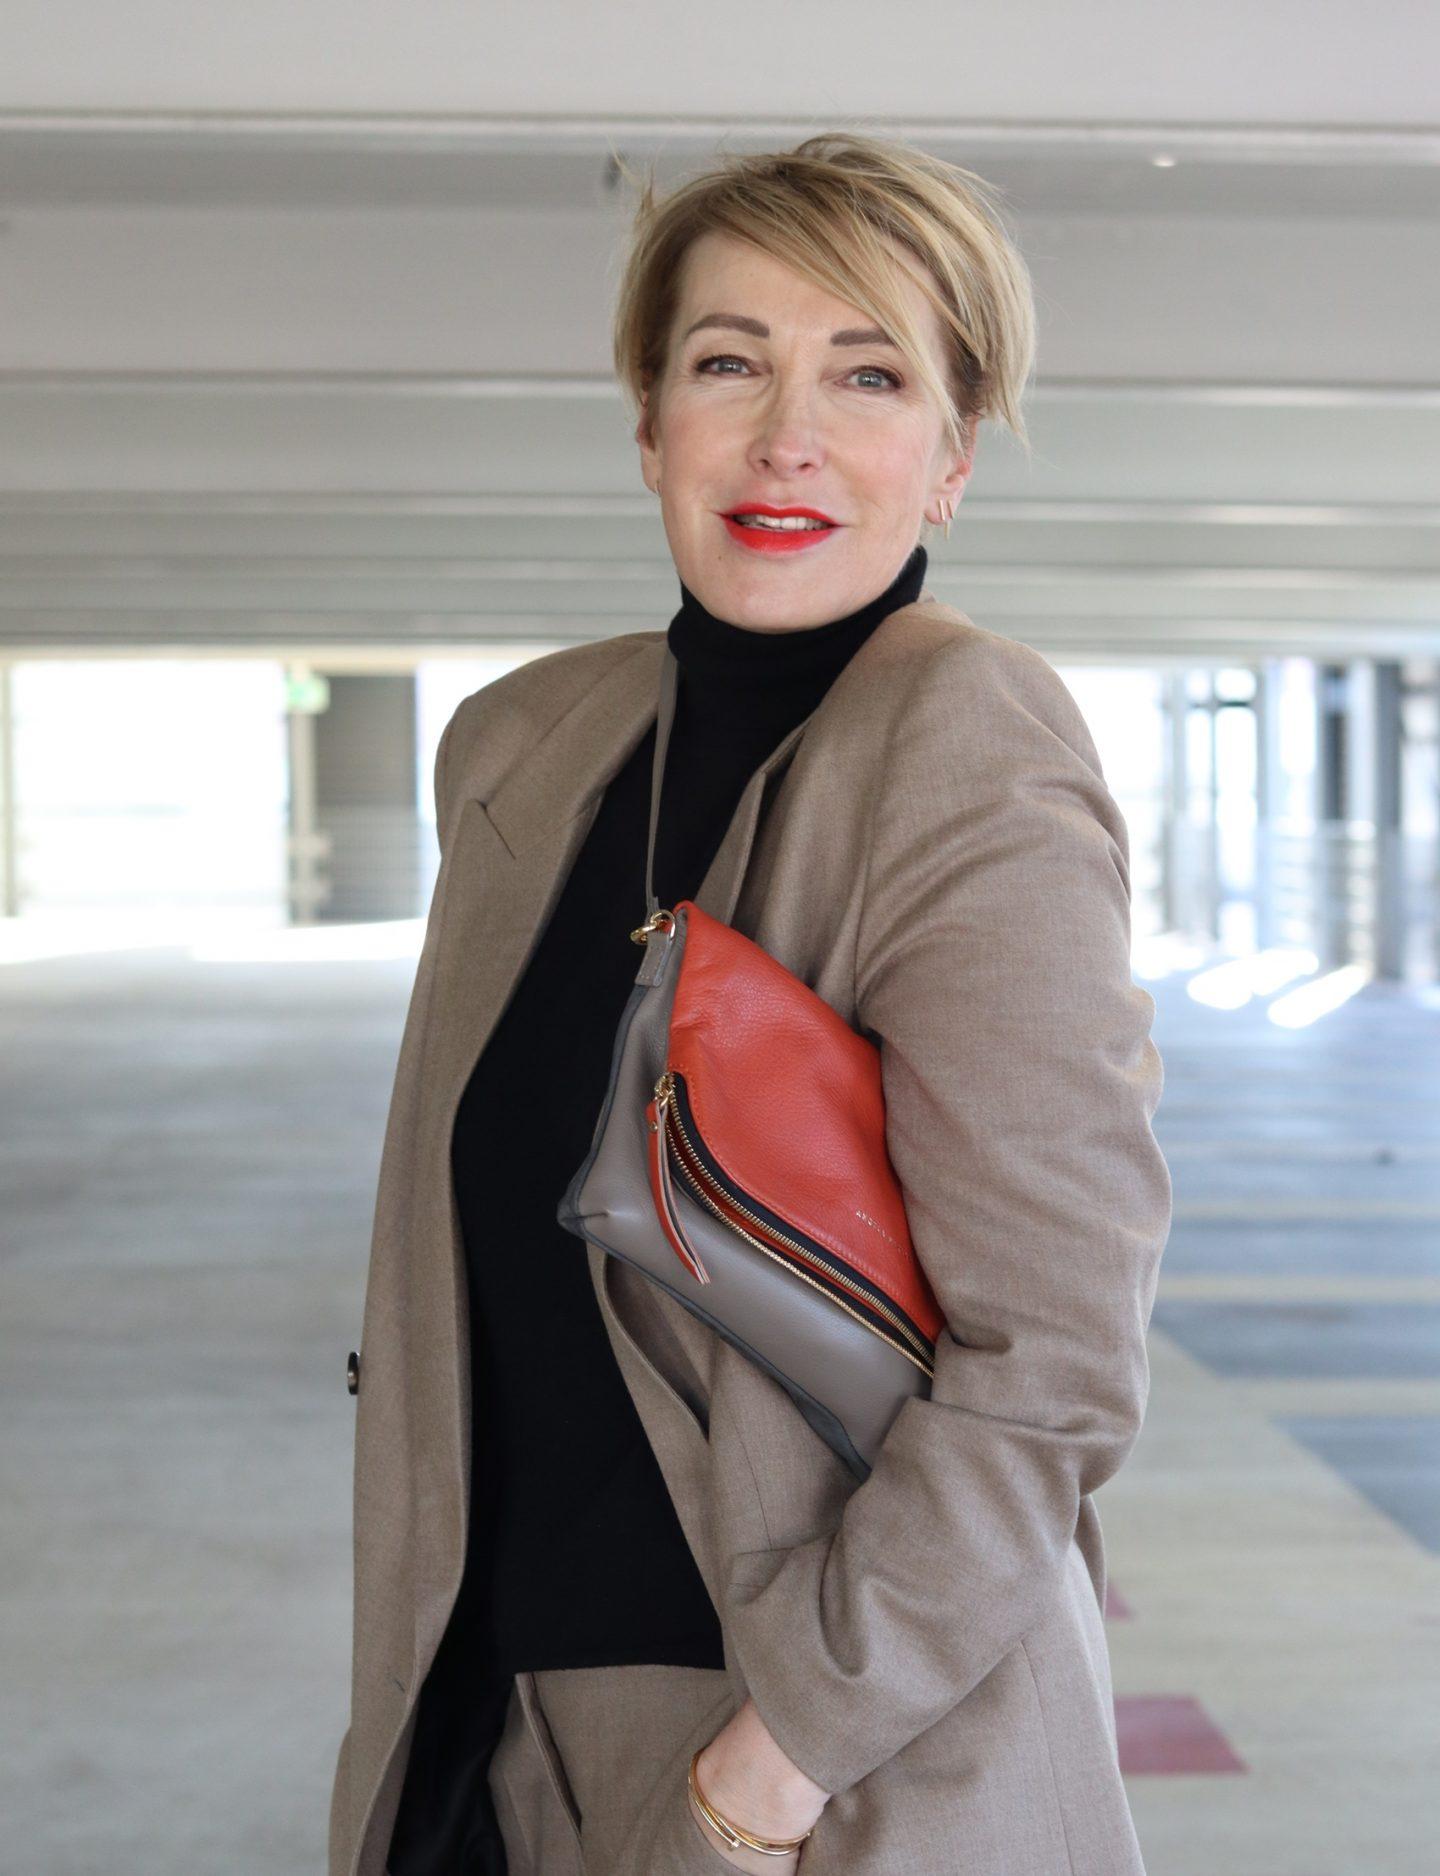 Über den Umgang mit Nachhaltigkeit bei Mode